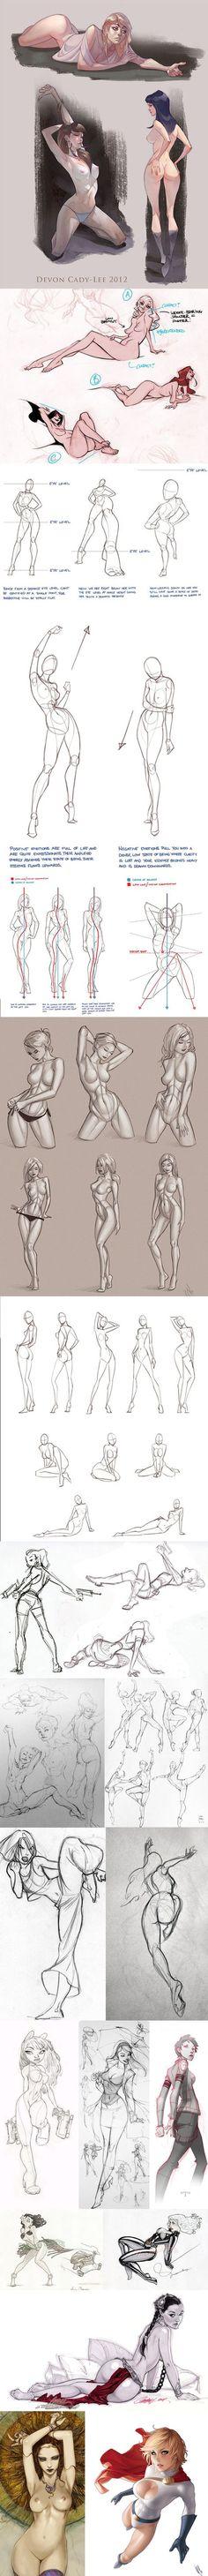 Técnicas de ilustración: